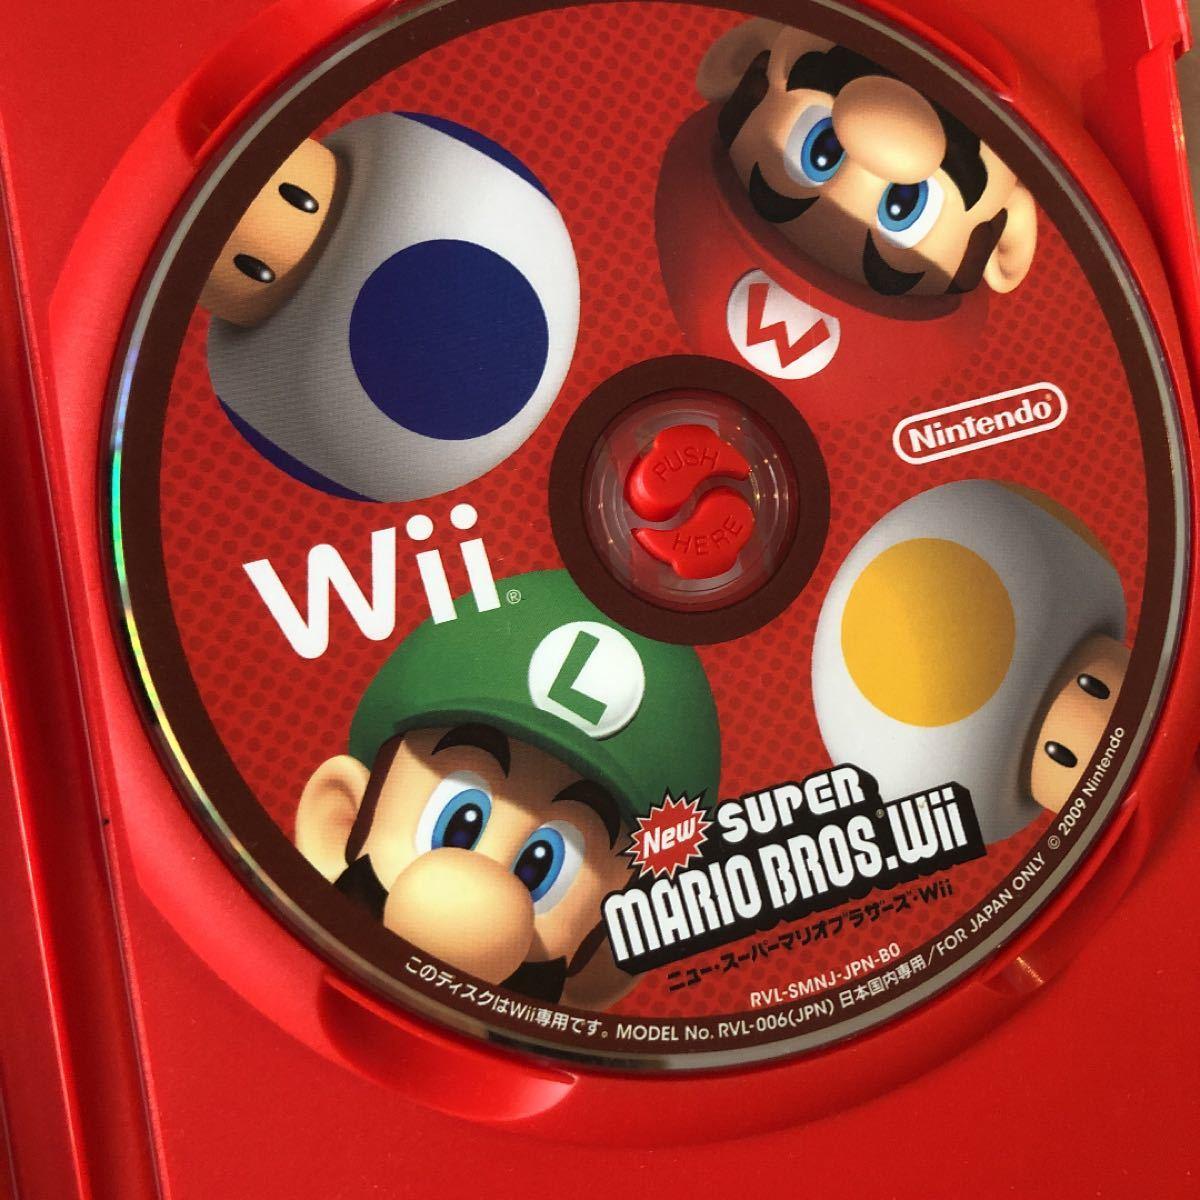 Wii ニュースーパーマリオブラザーズWii ニュースーパーマリオブラザーズ